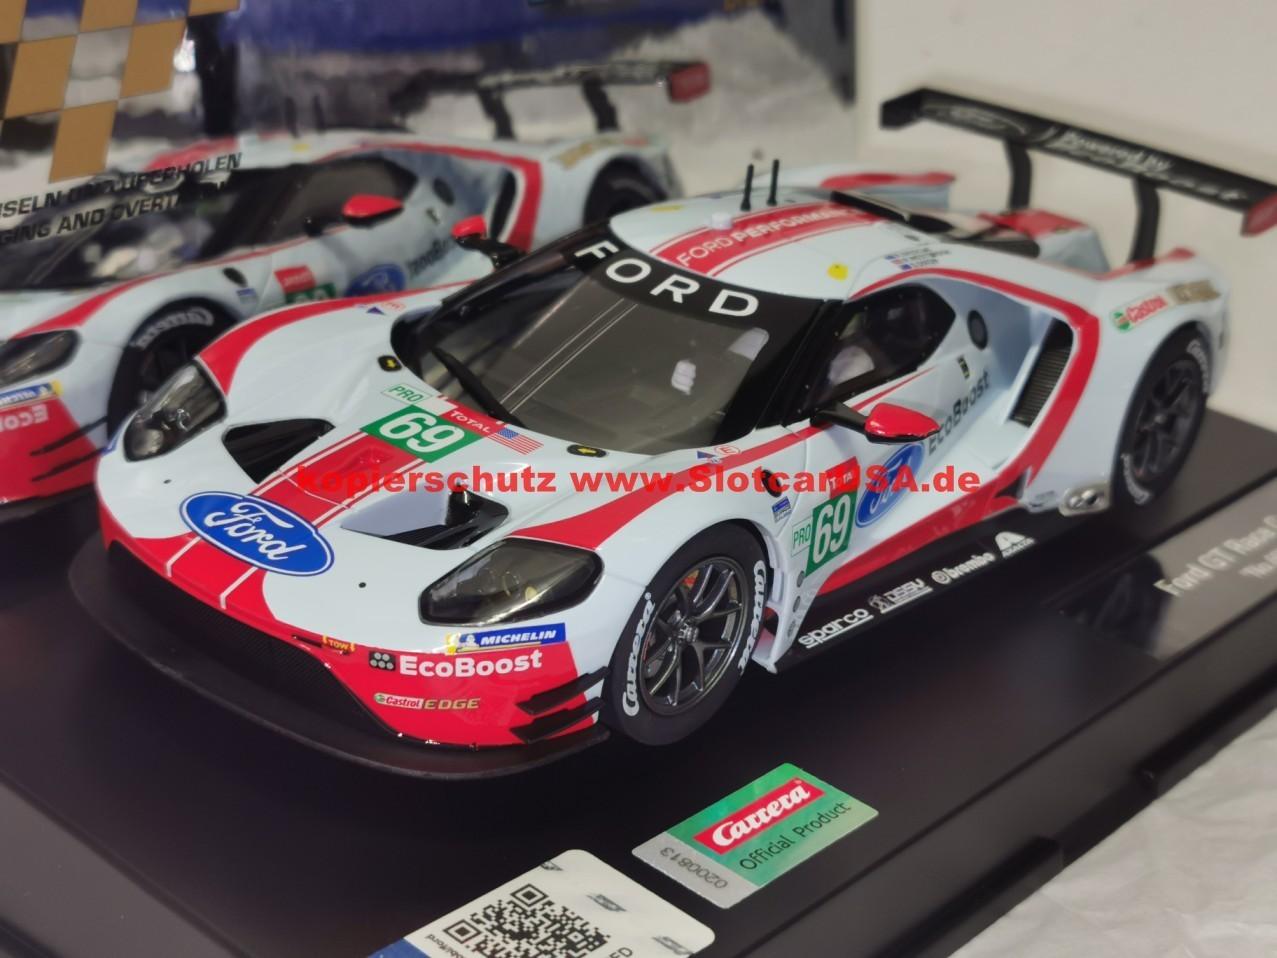 69 Ersatzteilset Zubeh/ör Carrera Digital 124 Kleinteile f/ür 23892 Ford GT Race Car Nr